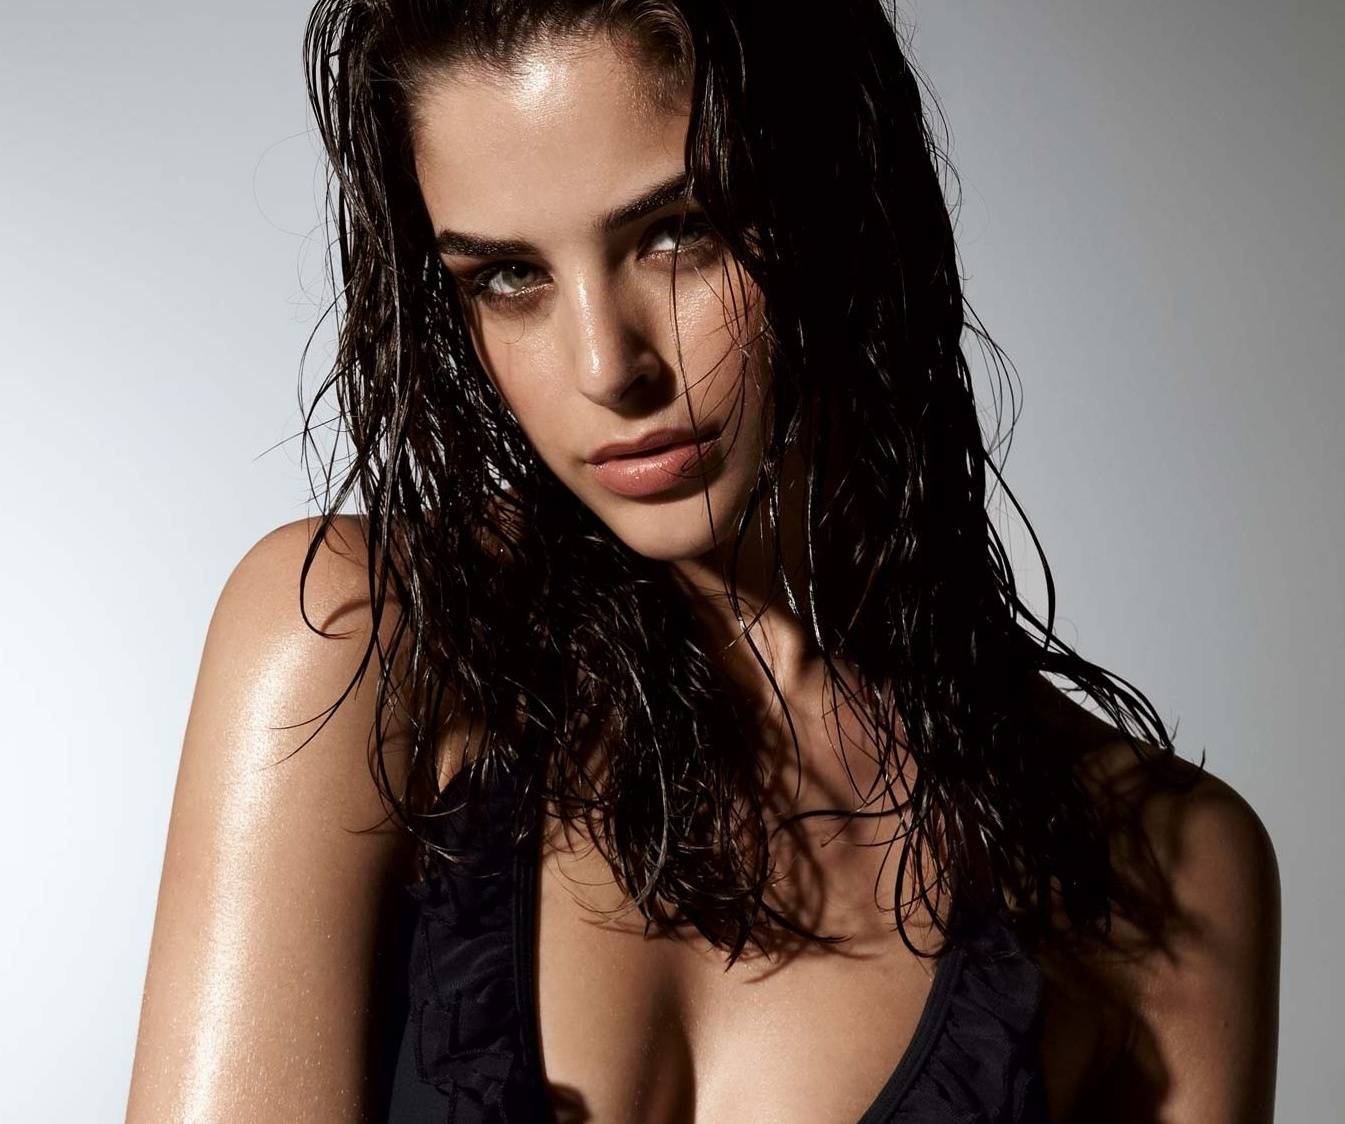 Hot In Wet